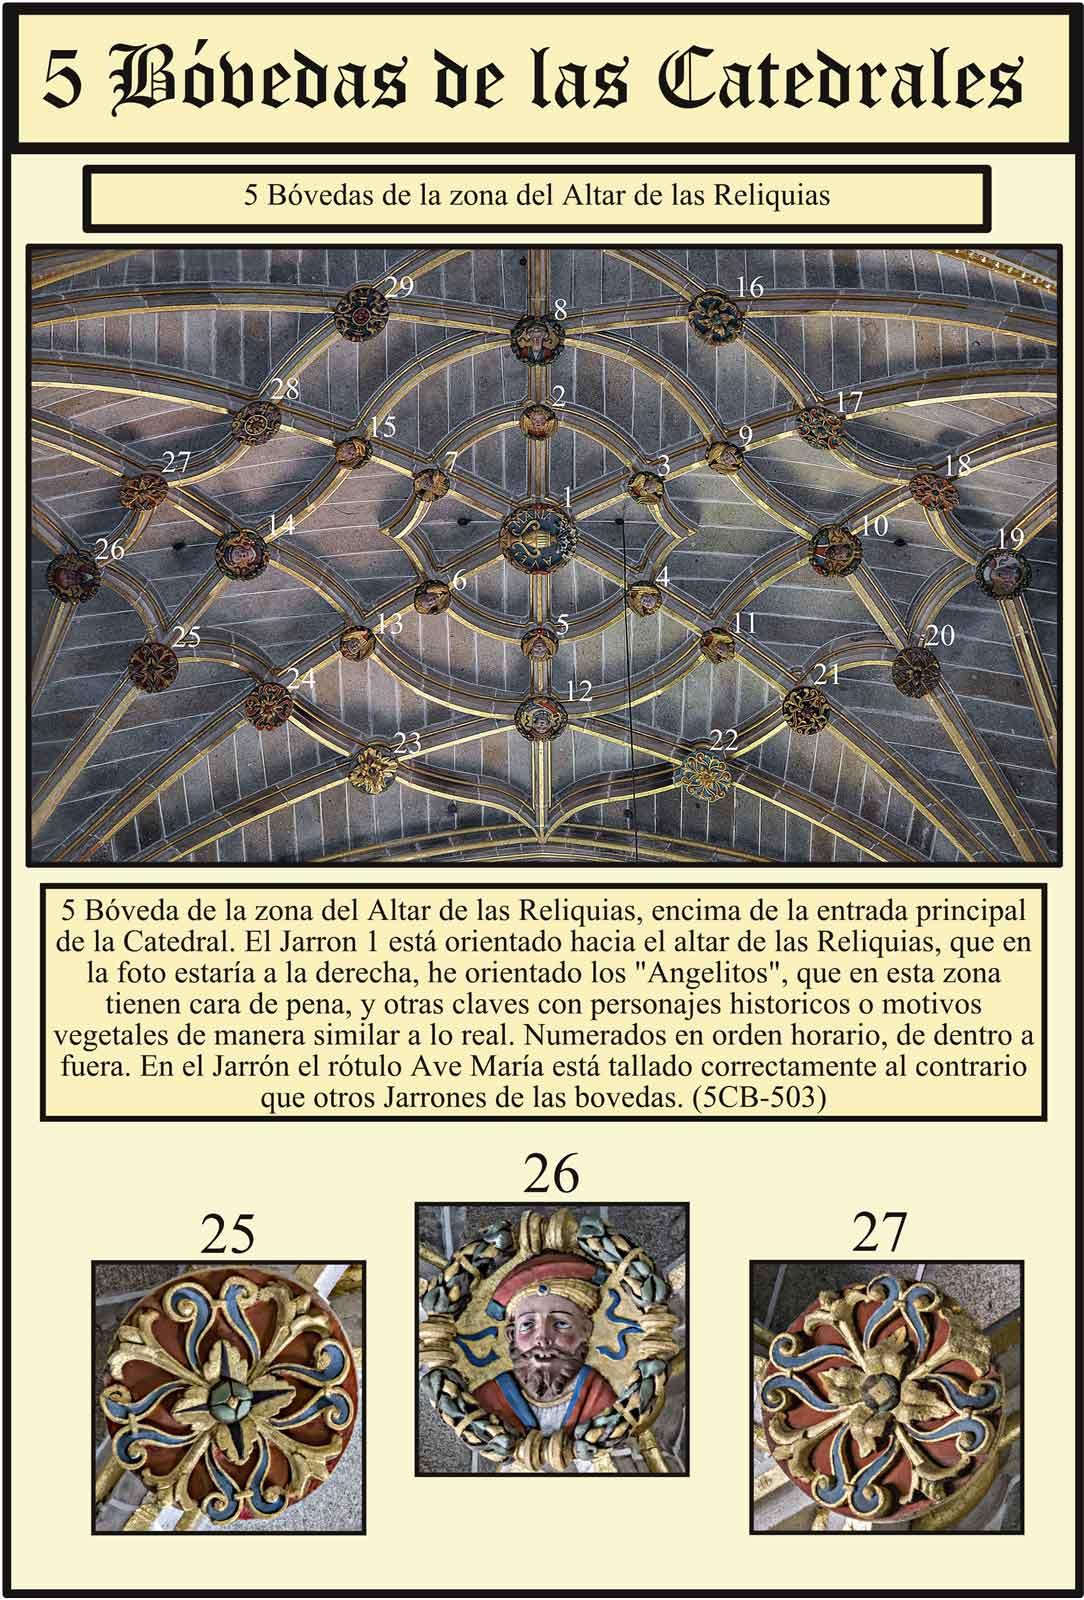 Boveda de cruceria de la capiilla de las Reliquias Catedral Dorada de Plasencia